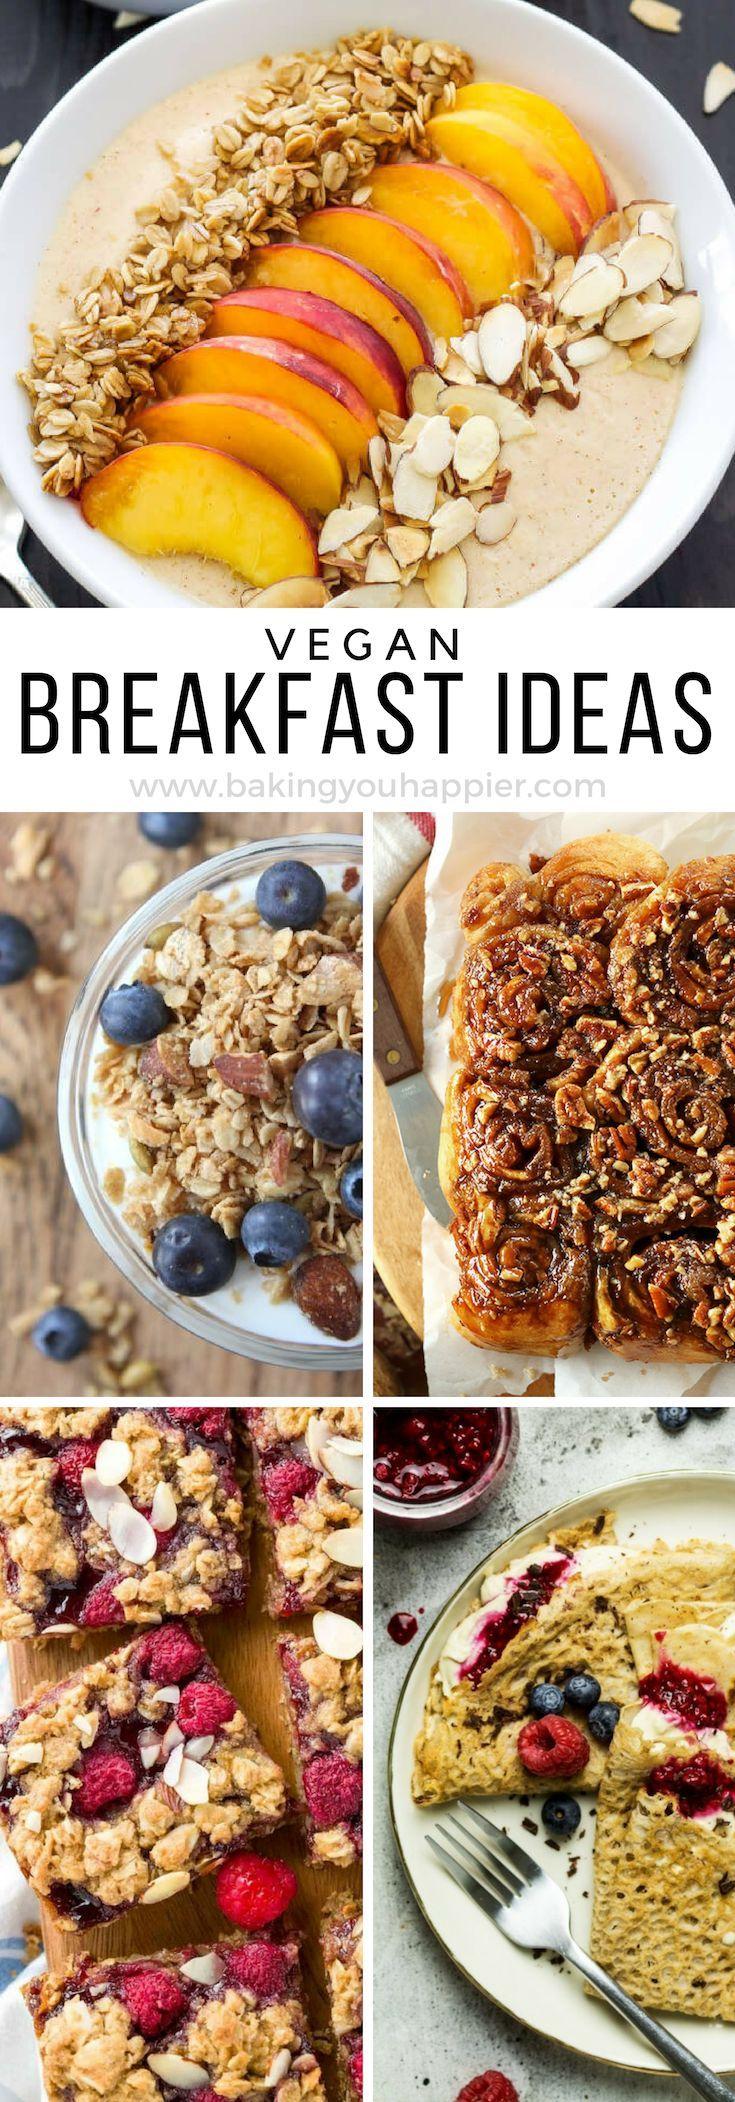 Schnelle und einfache vegane Frühstücksideen